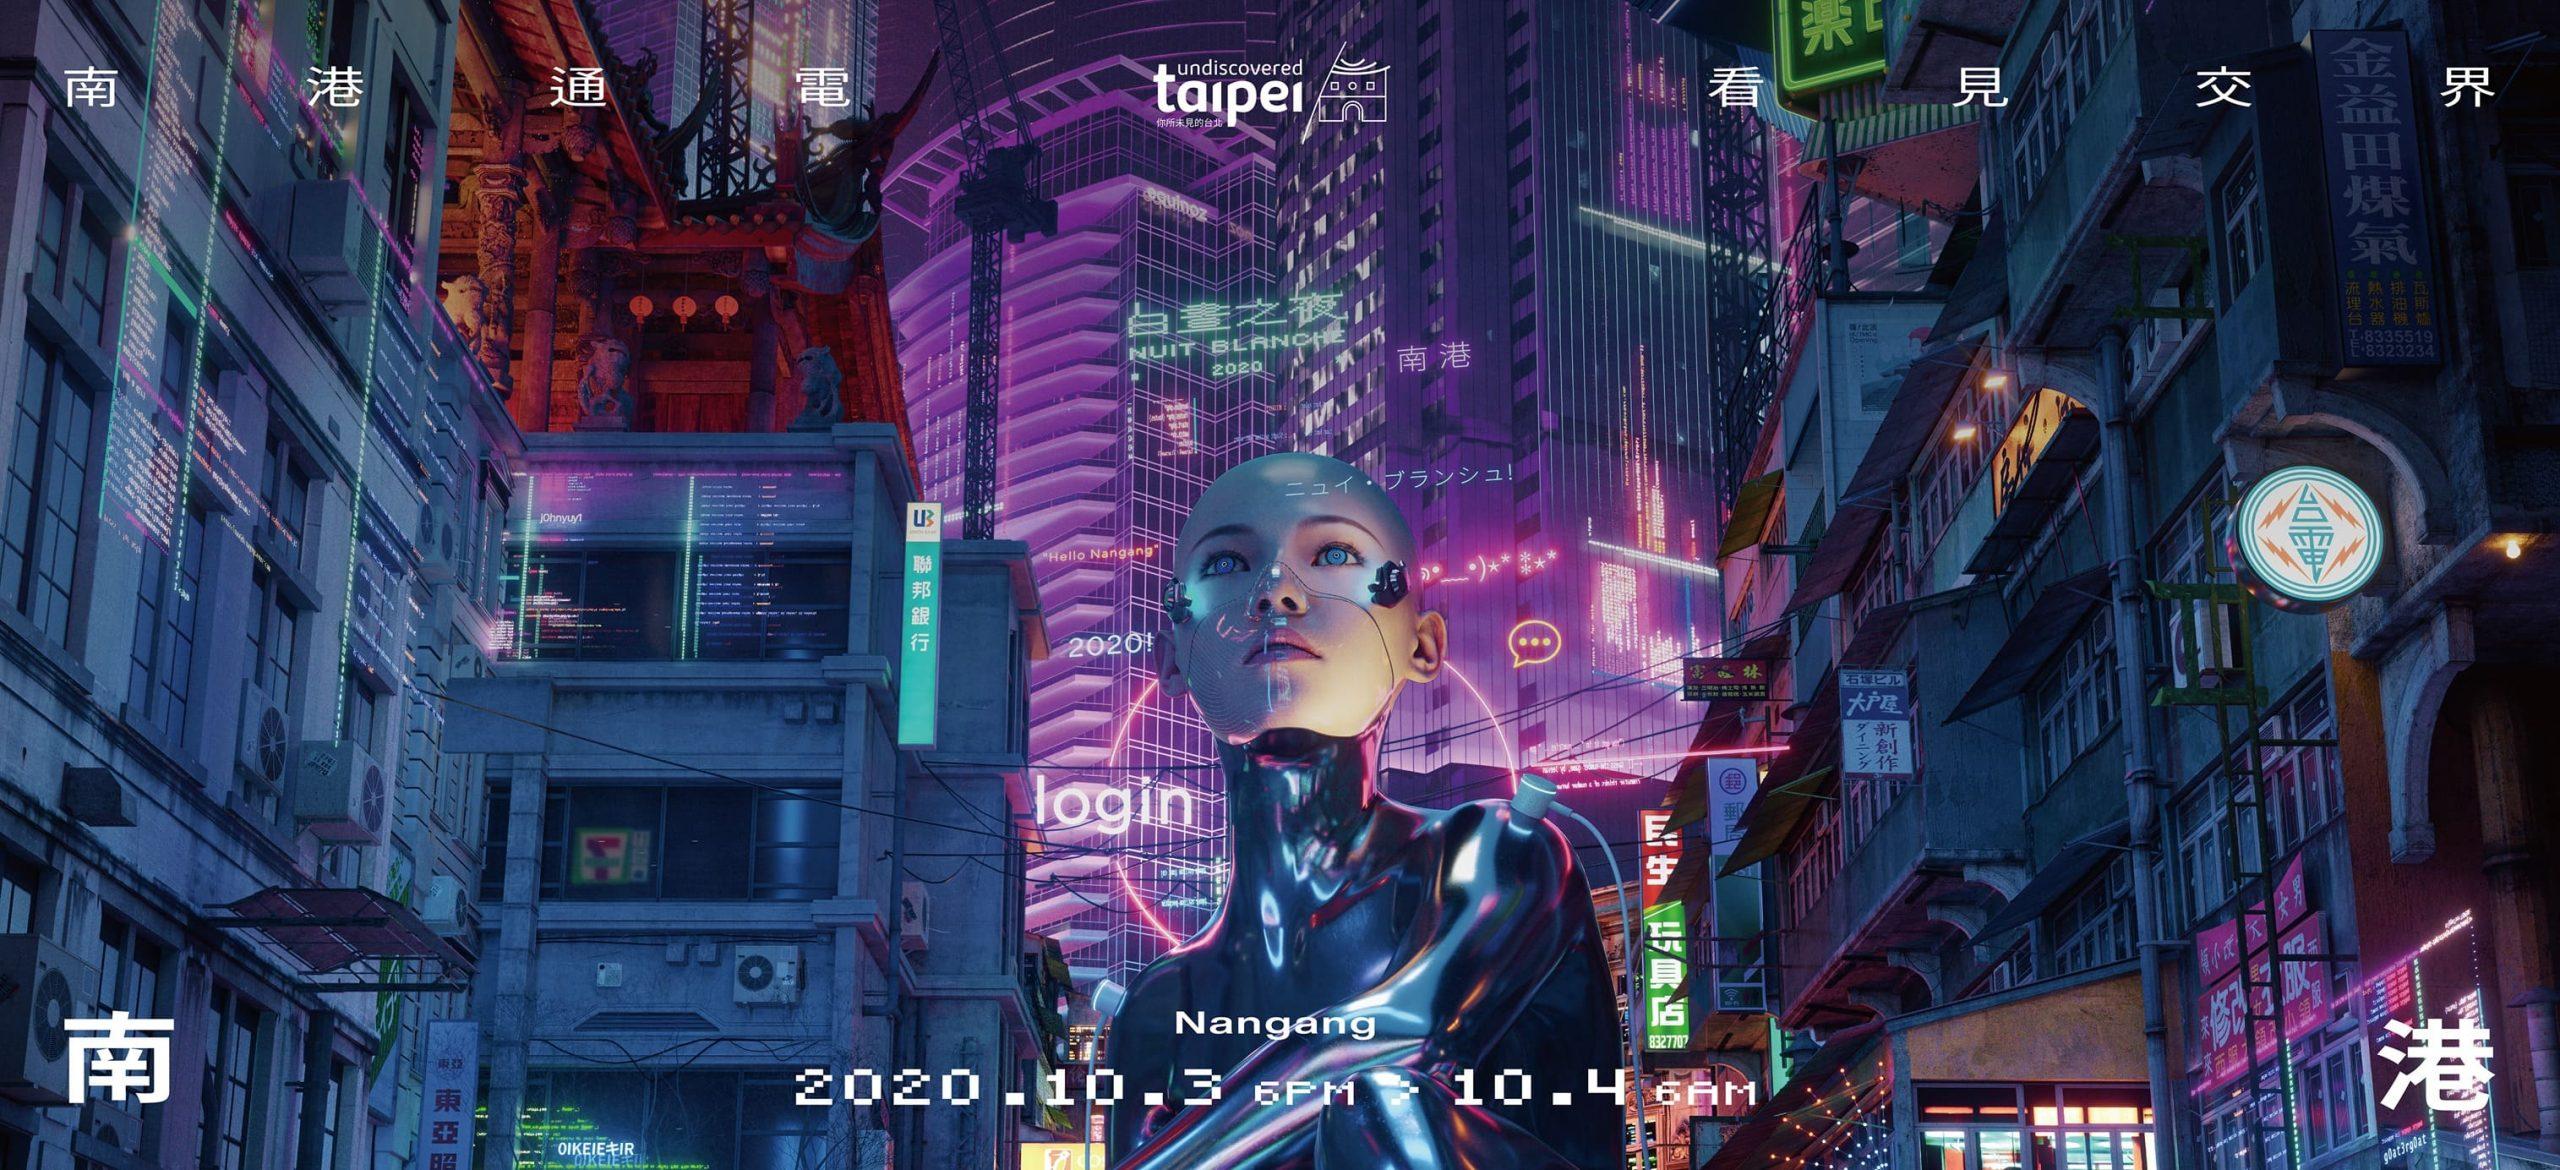 台北南港白晝之夜2020懶人包:捷運路線、表演地圖總攻略_主視覺